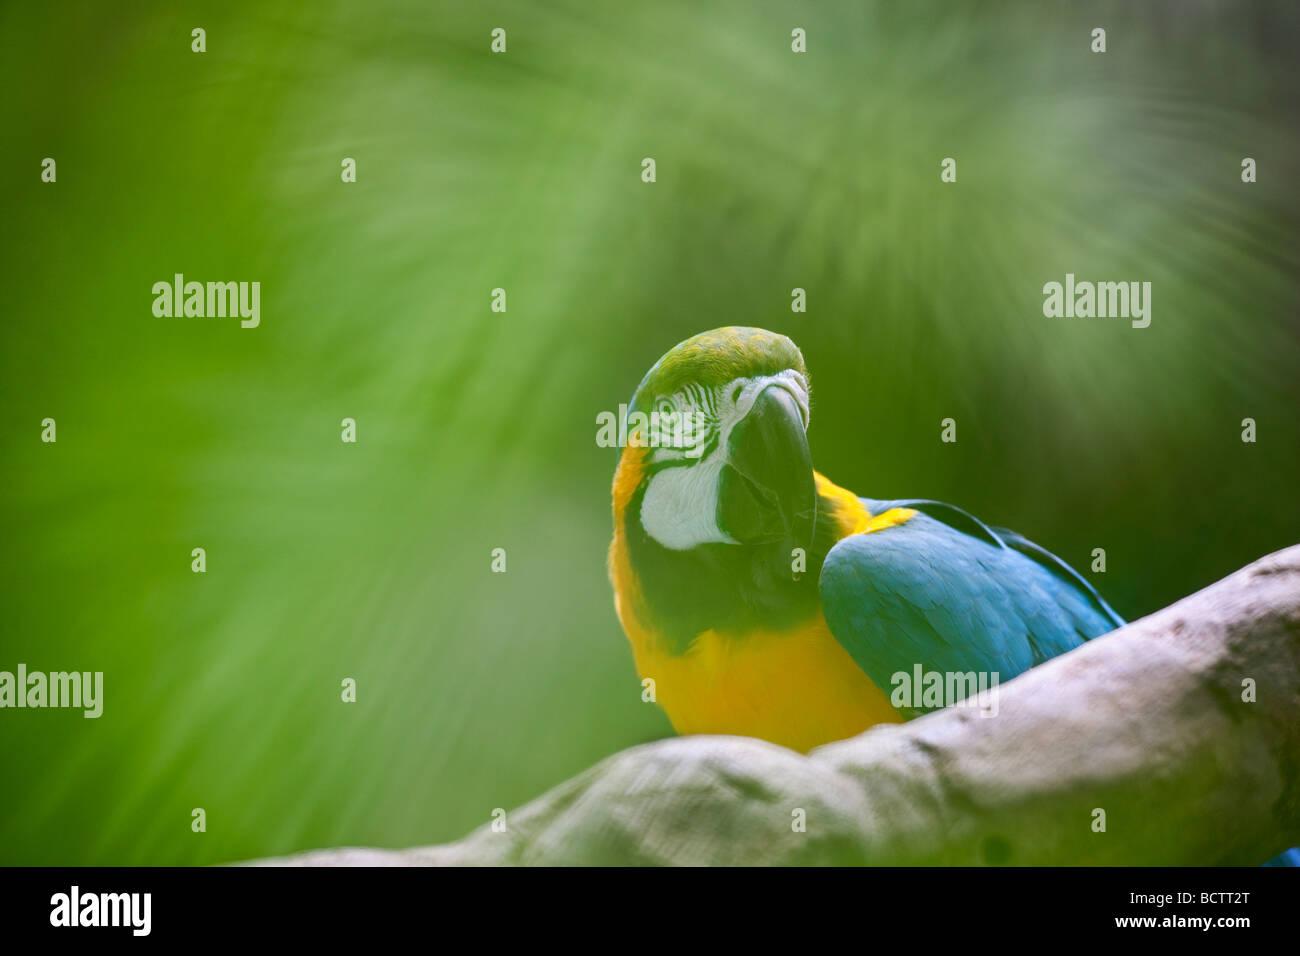 Macaw through vegetation Grand Hyatt Kauai Hawaii - Stock Image